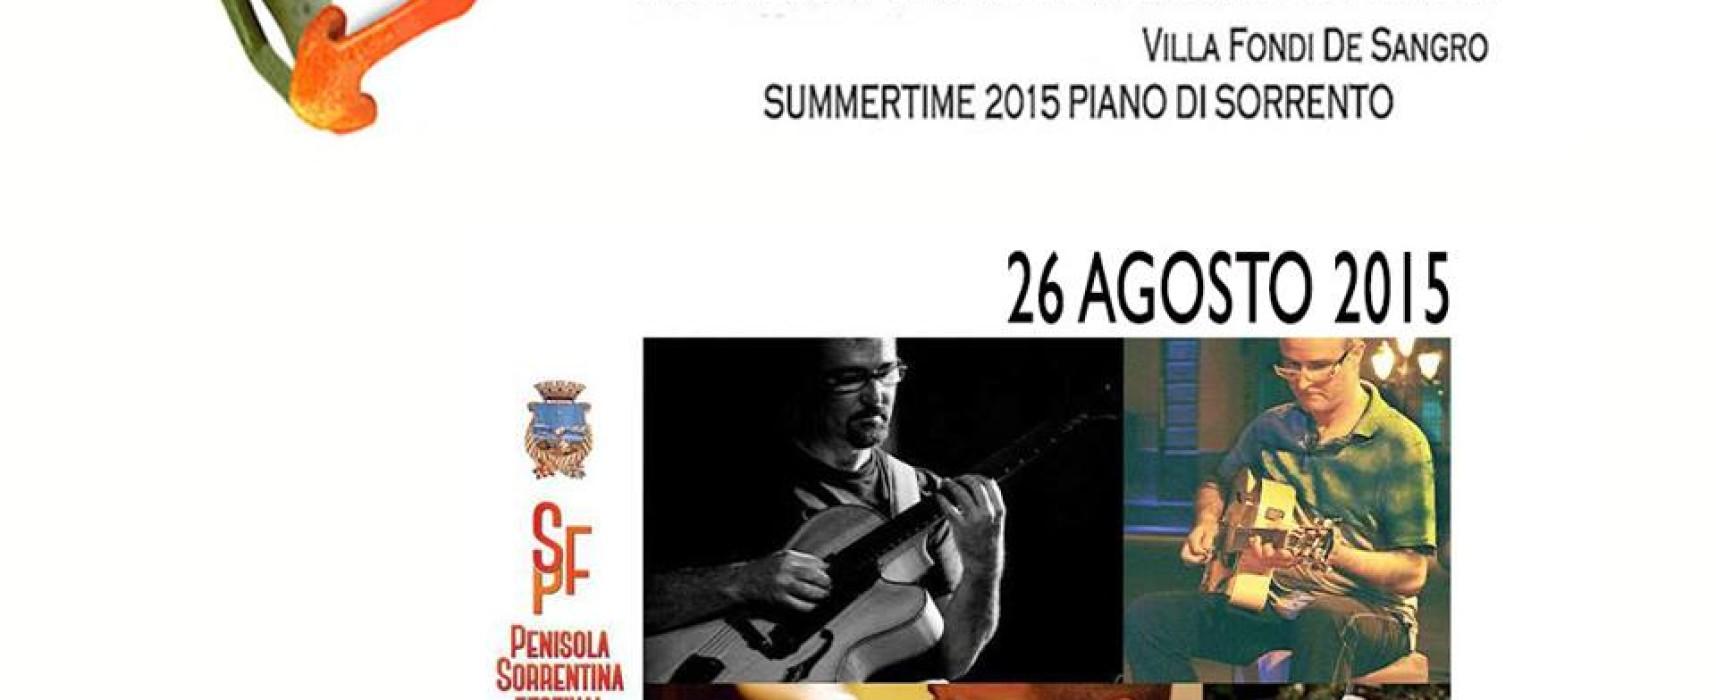 Penisola Sorrentina: E' Festival, prosegue Summertime 2015